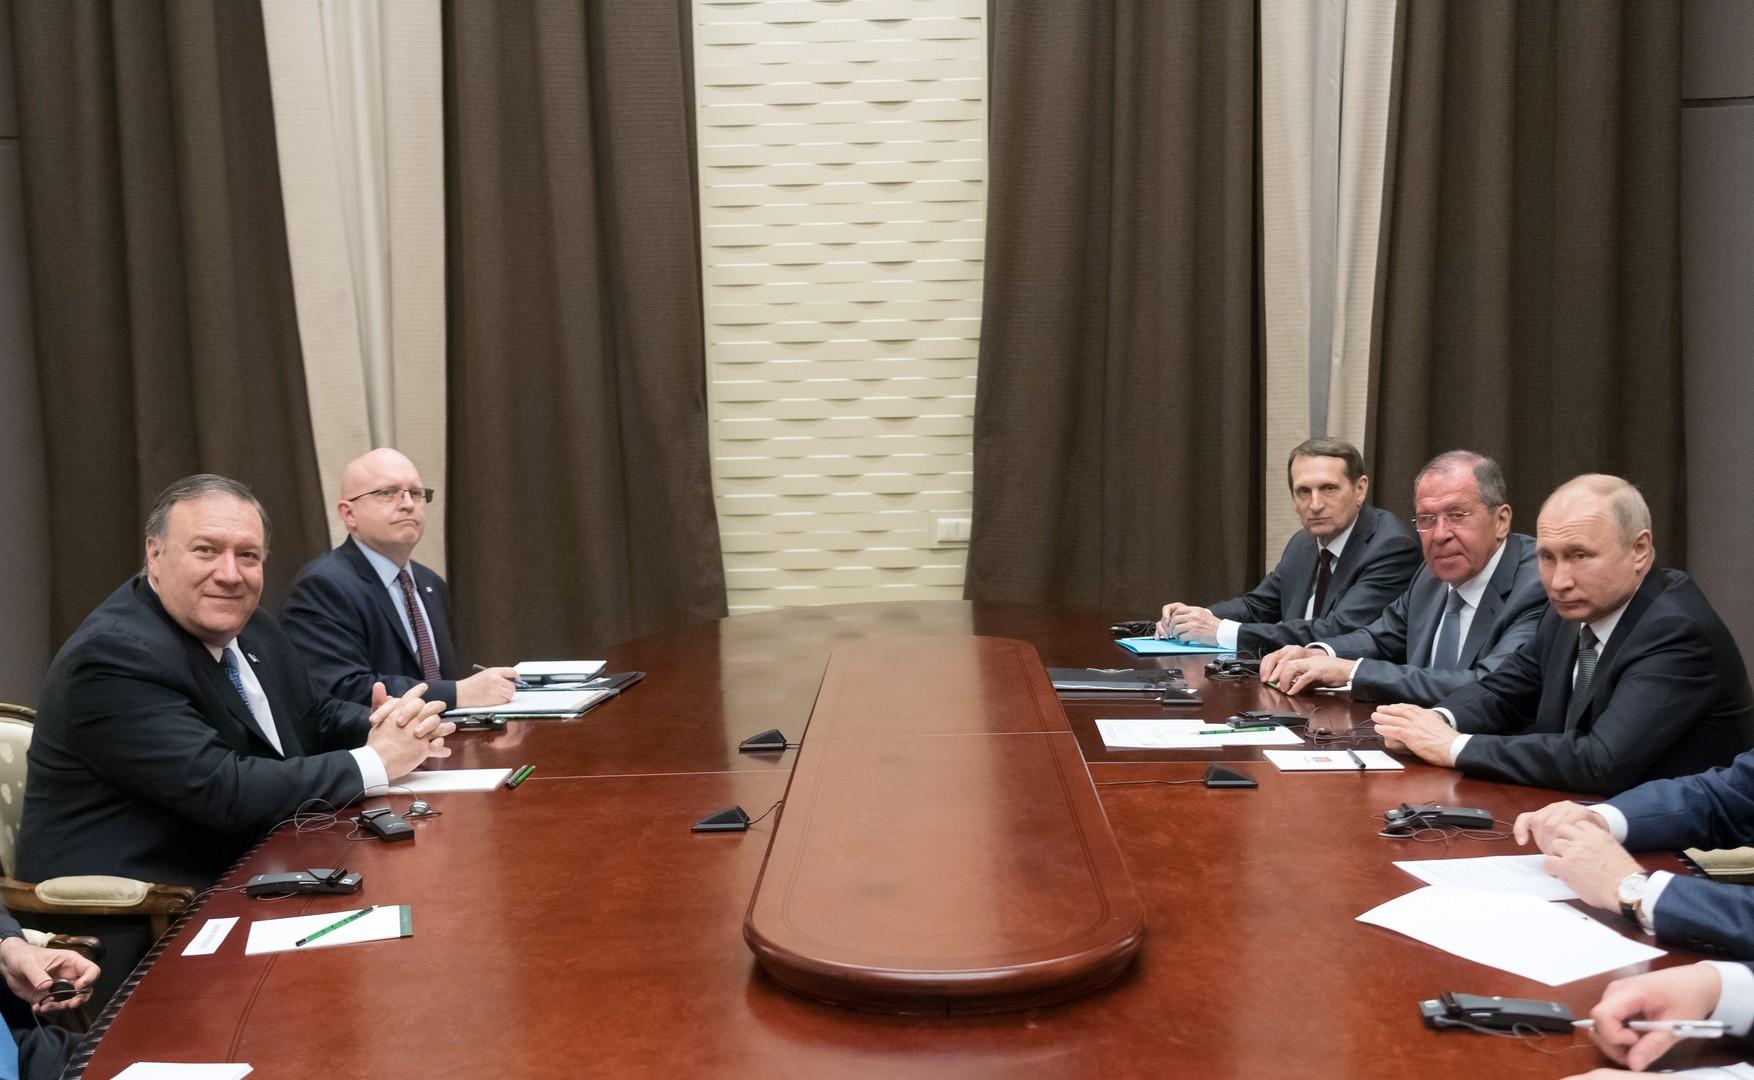 بومبيو: المحادثات مع الرئيس بوتين كانت جوهرية وناجحة